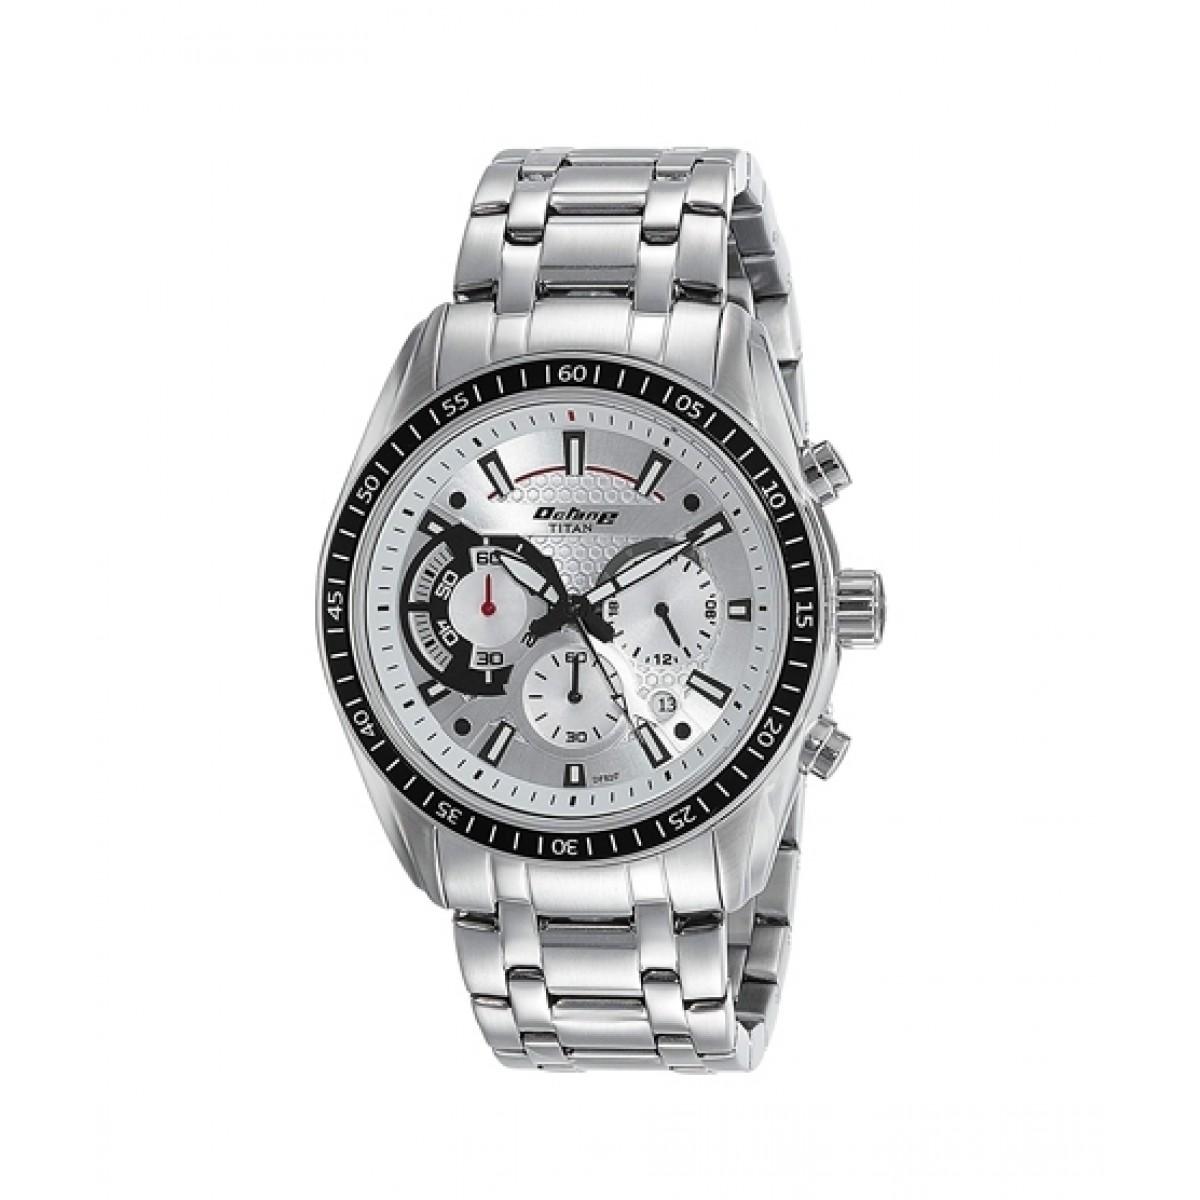 Titan Chronograph Men's Watch Silver (90077KM01)